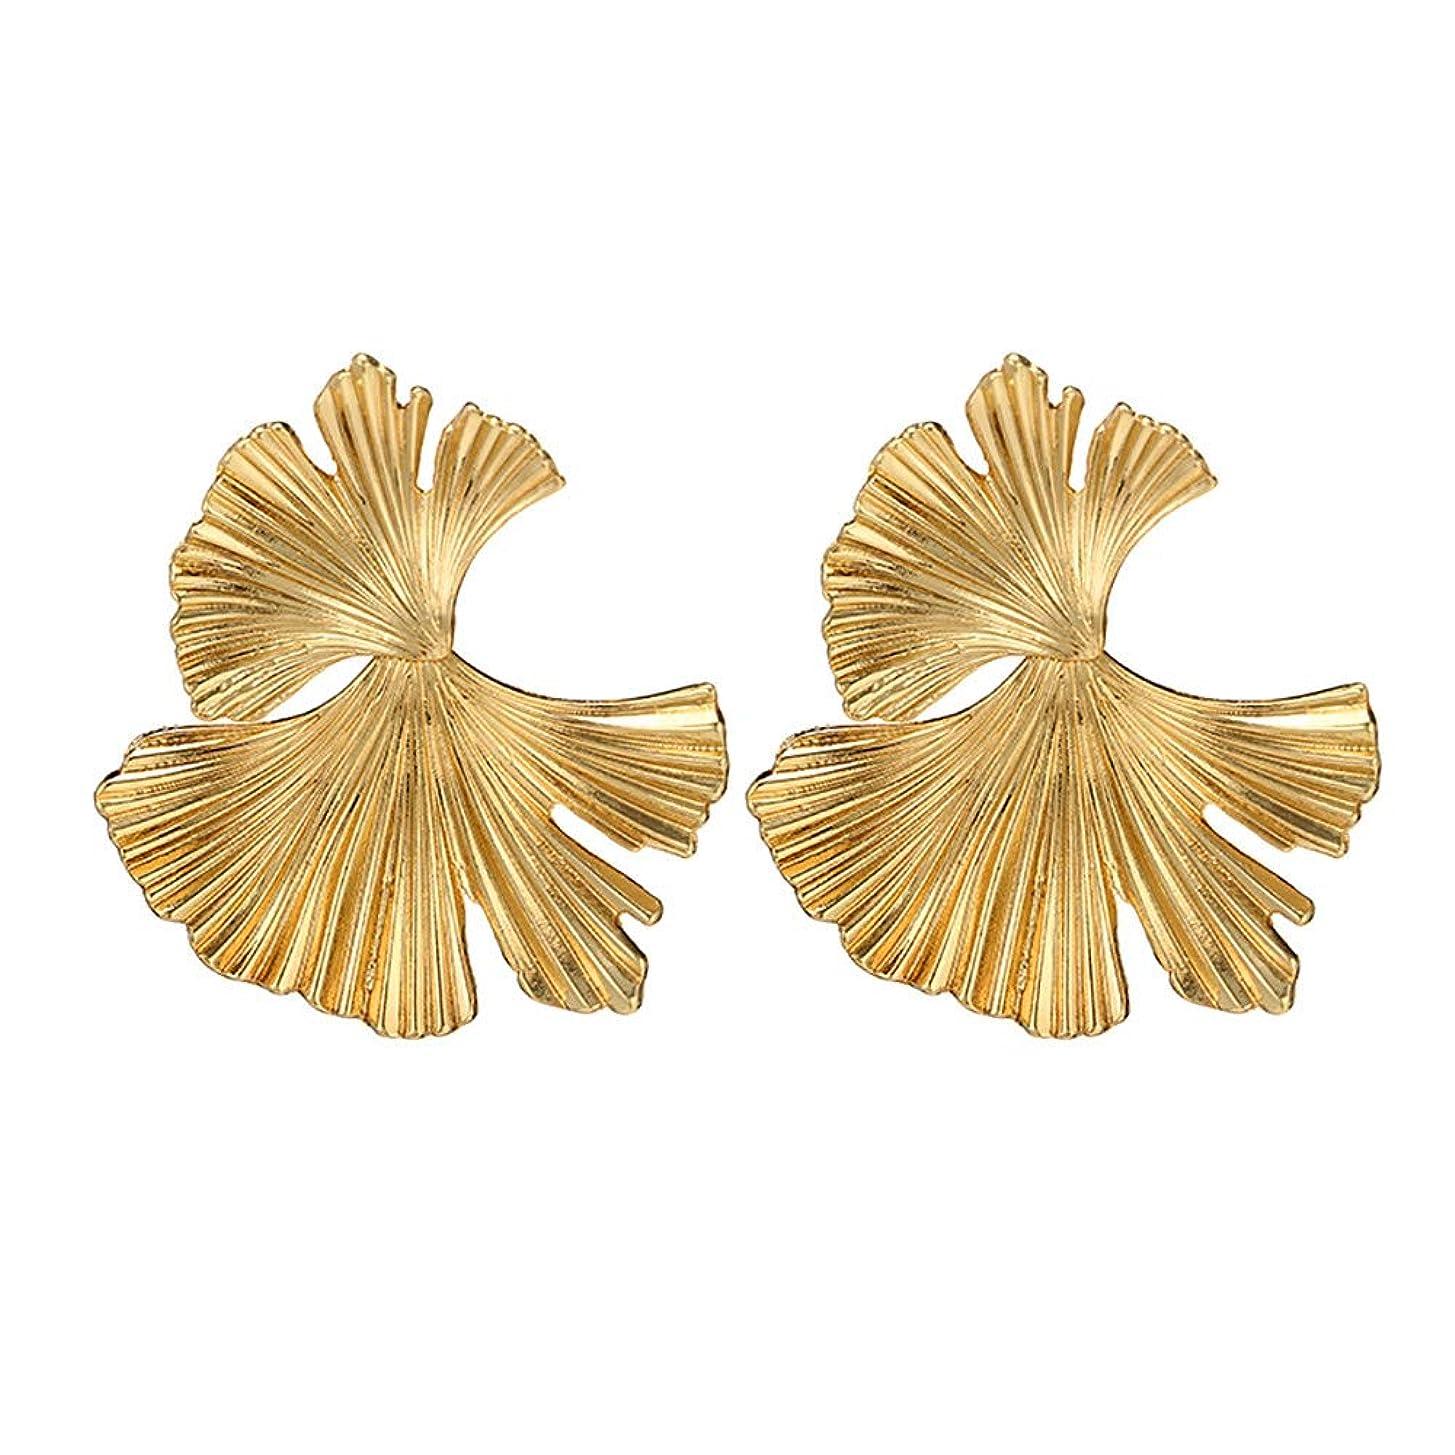 苦しむ呼ぶ加速するNicircle 女性ヴィンテージファッションクリエイティブビッグメタルフラワーイチョウ葉の合金のイヤリング Women Vintage Fashion Creative Big Metal Flower Ginkgo Leaf Alloy Earrings